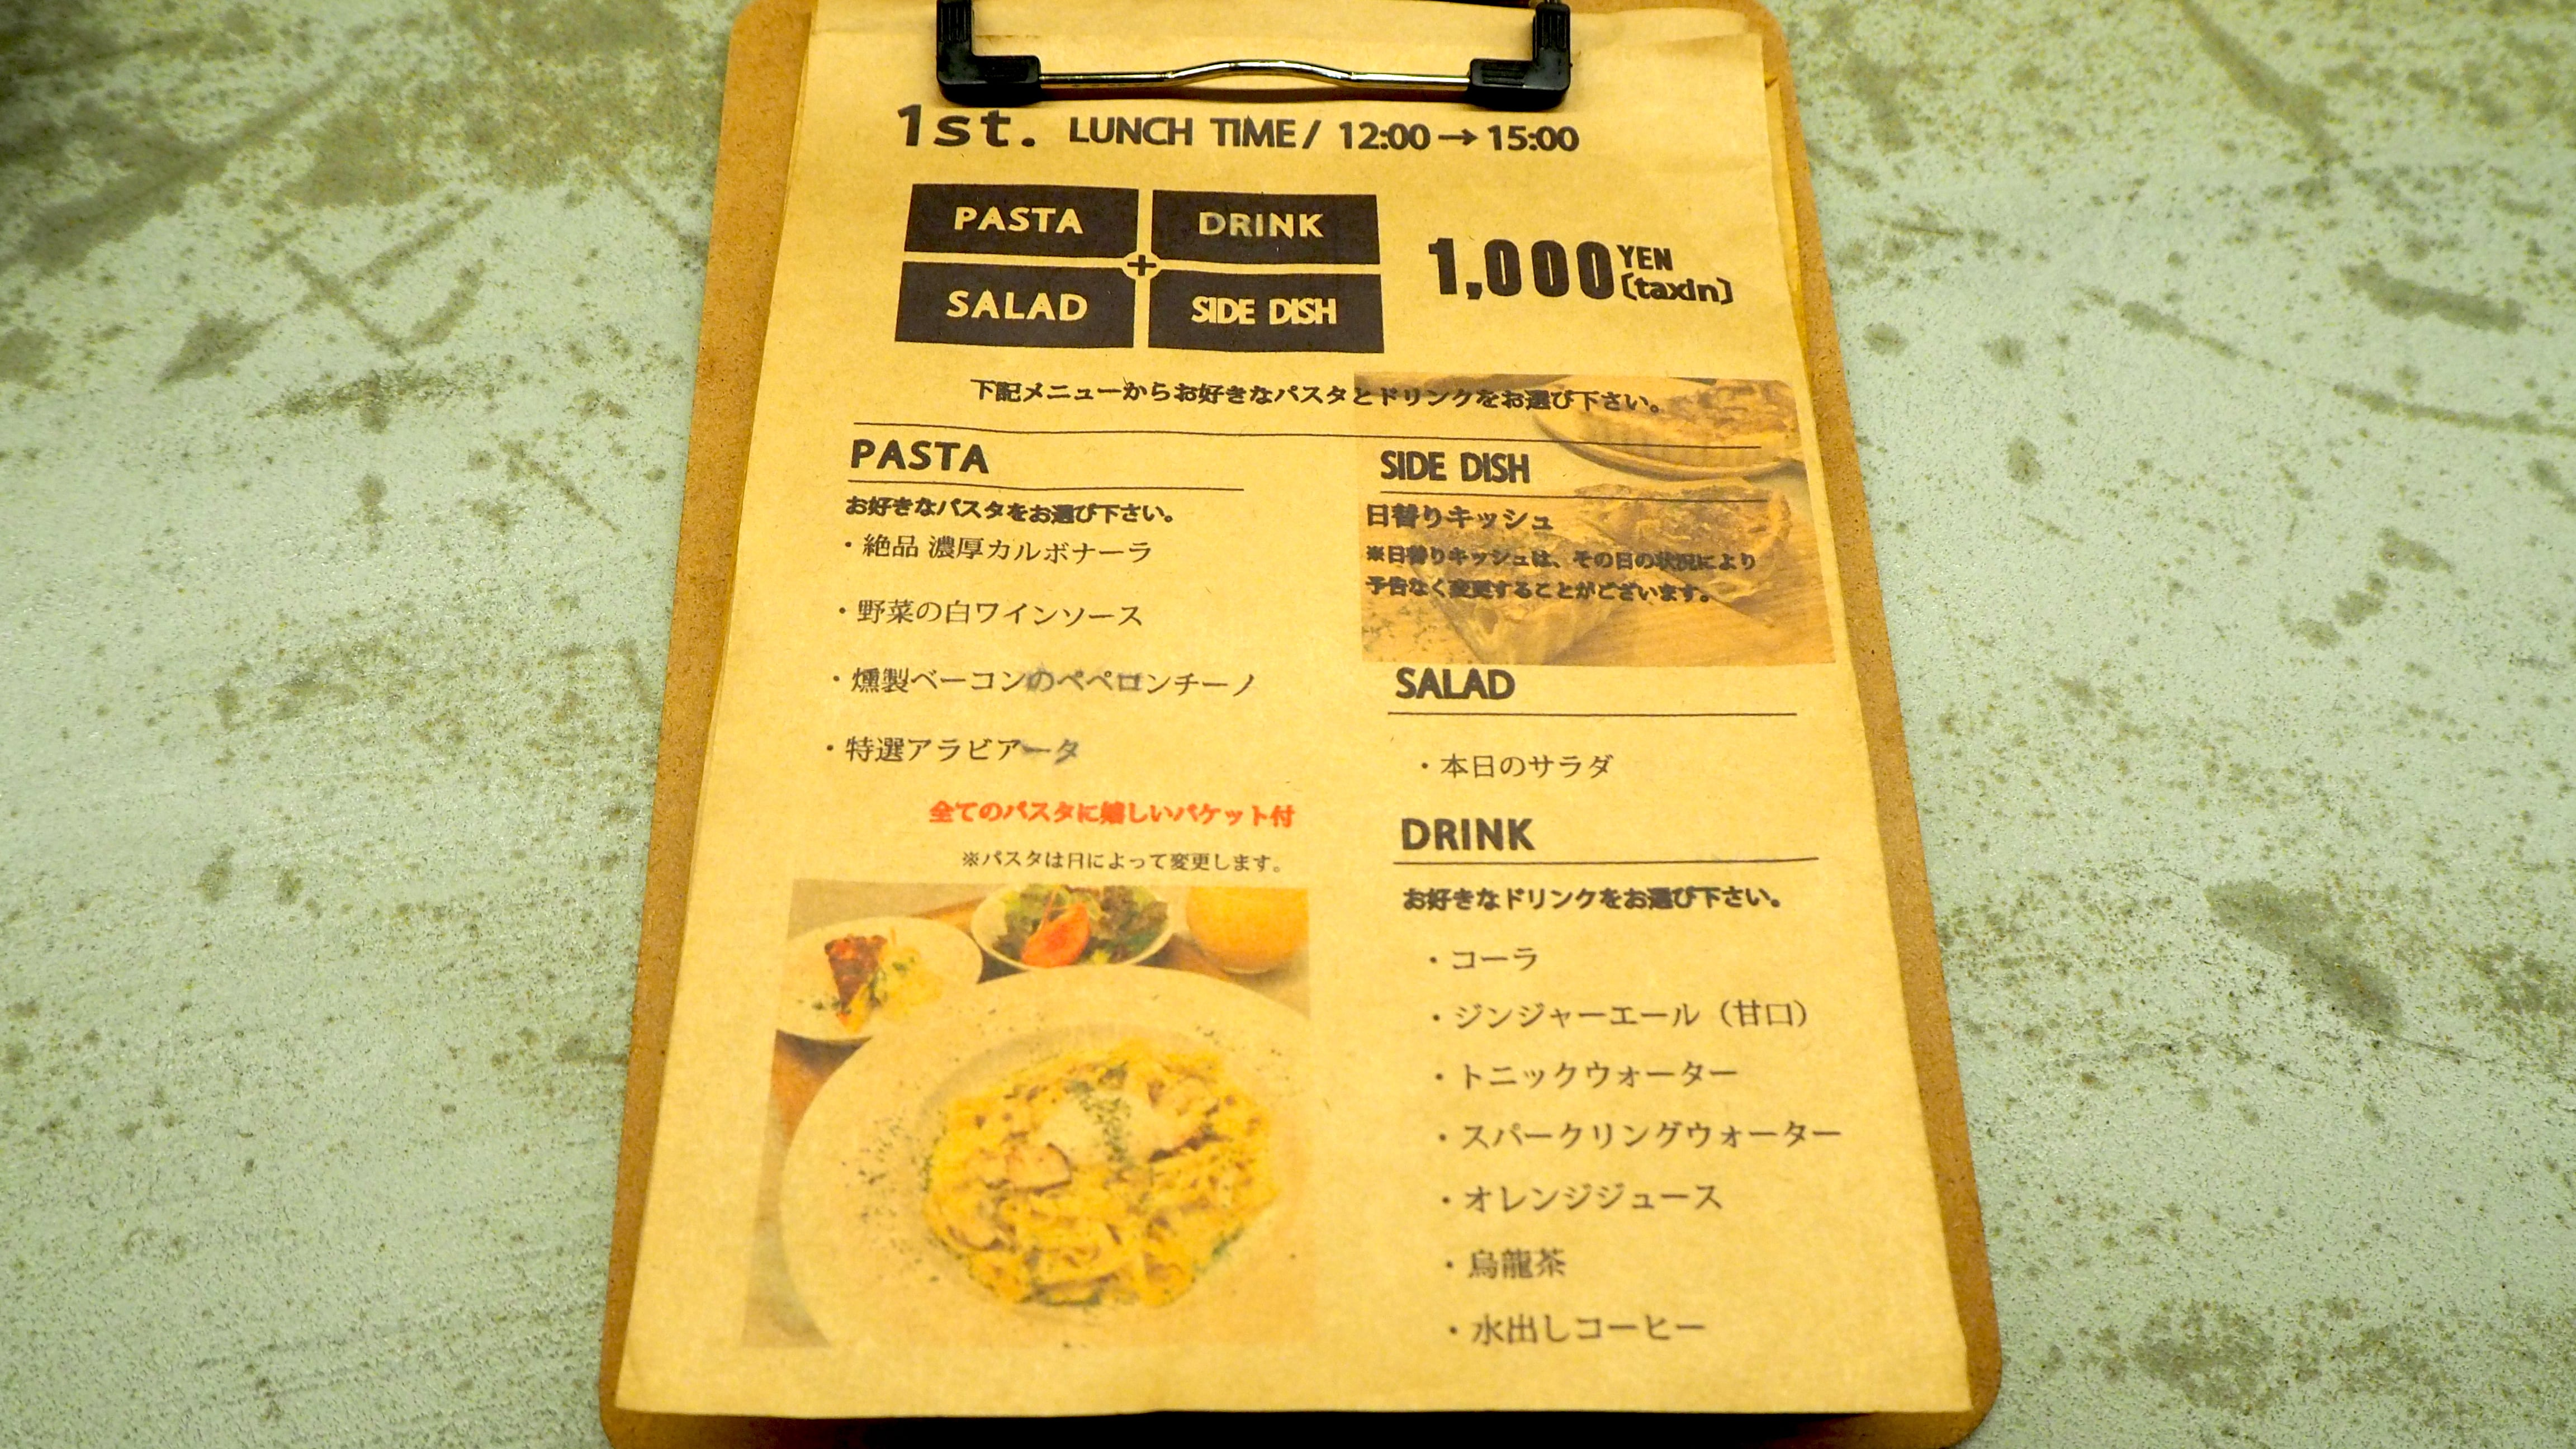 矢場町の隠れ家ビストロカフェ「tredi トレディ」の贅沢燻製ランチ - tredi3